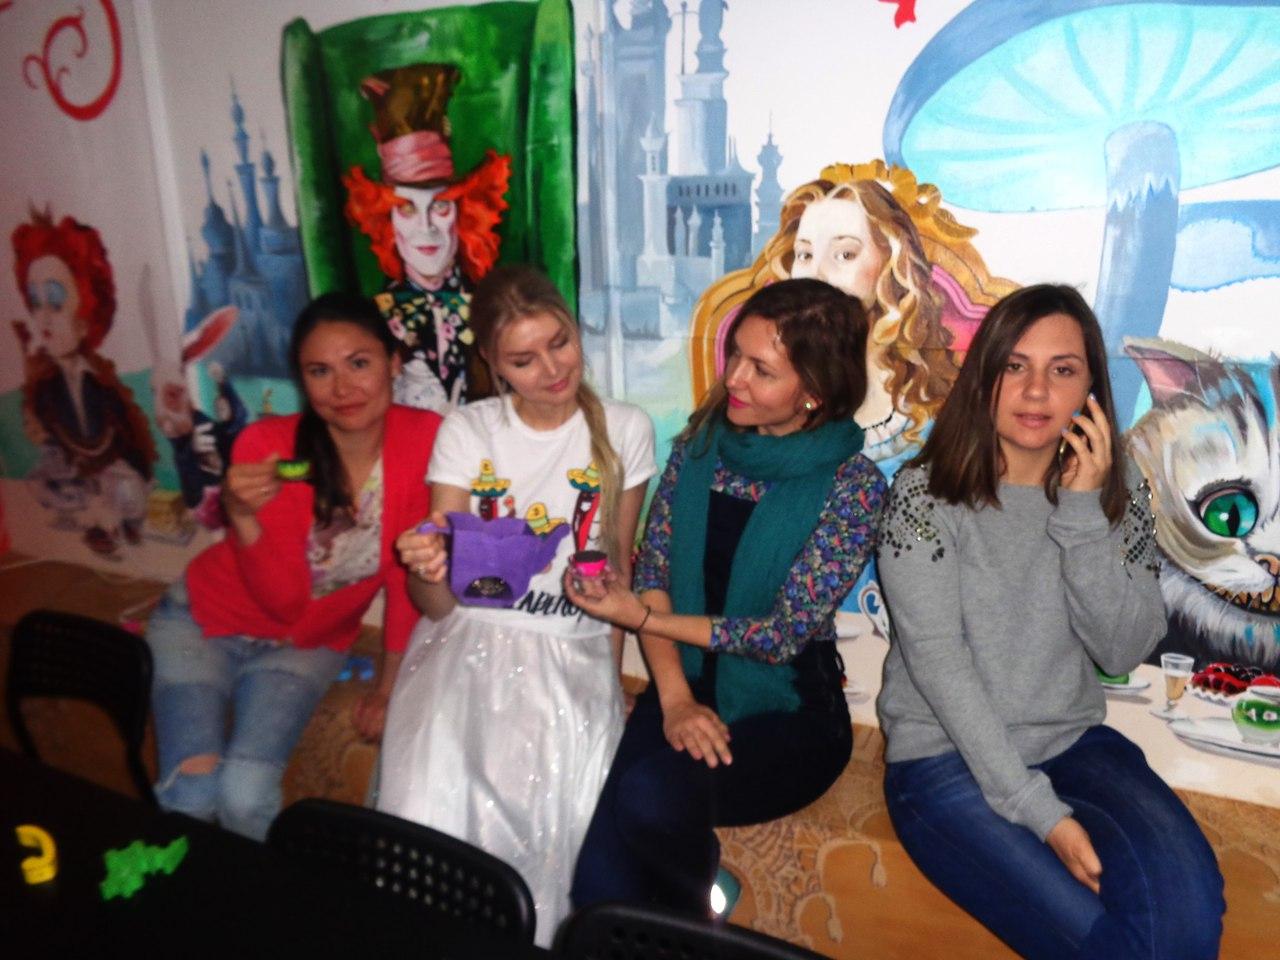 Фото Большой гостевой комнаты в квестах Алиса и Гарри Поттер на Ларина. Ростов-на-Дону